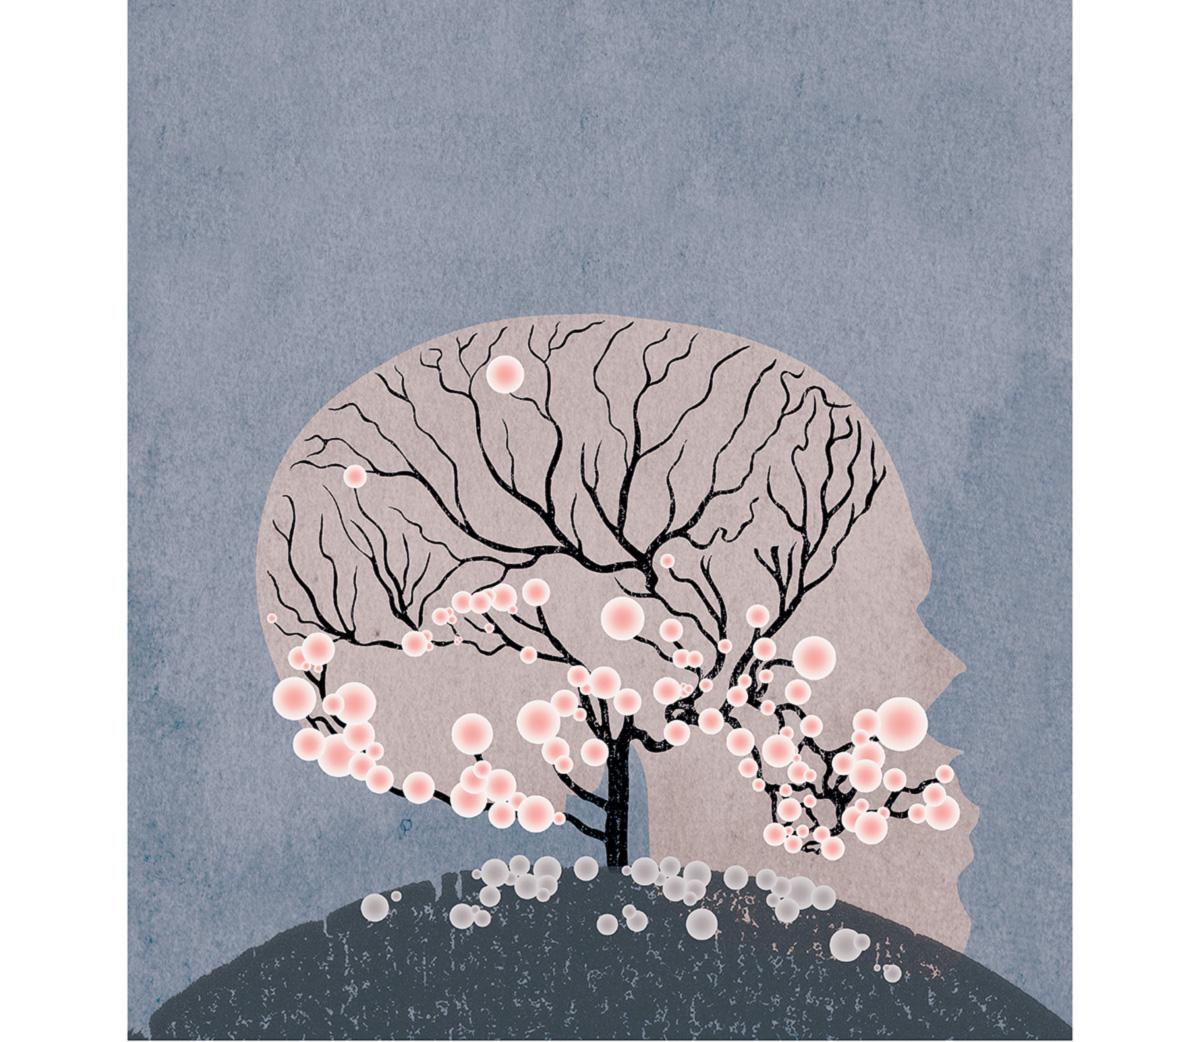 A tristeza e o horror do Alzheimer estão ligados ao parcelamento da morte: morte da autonomia, morte da memória, morte da autoconsciência, morte da personalidade, morte do corpo